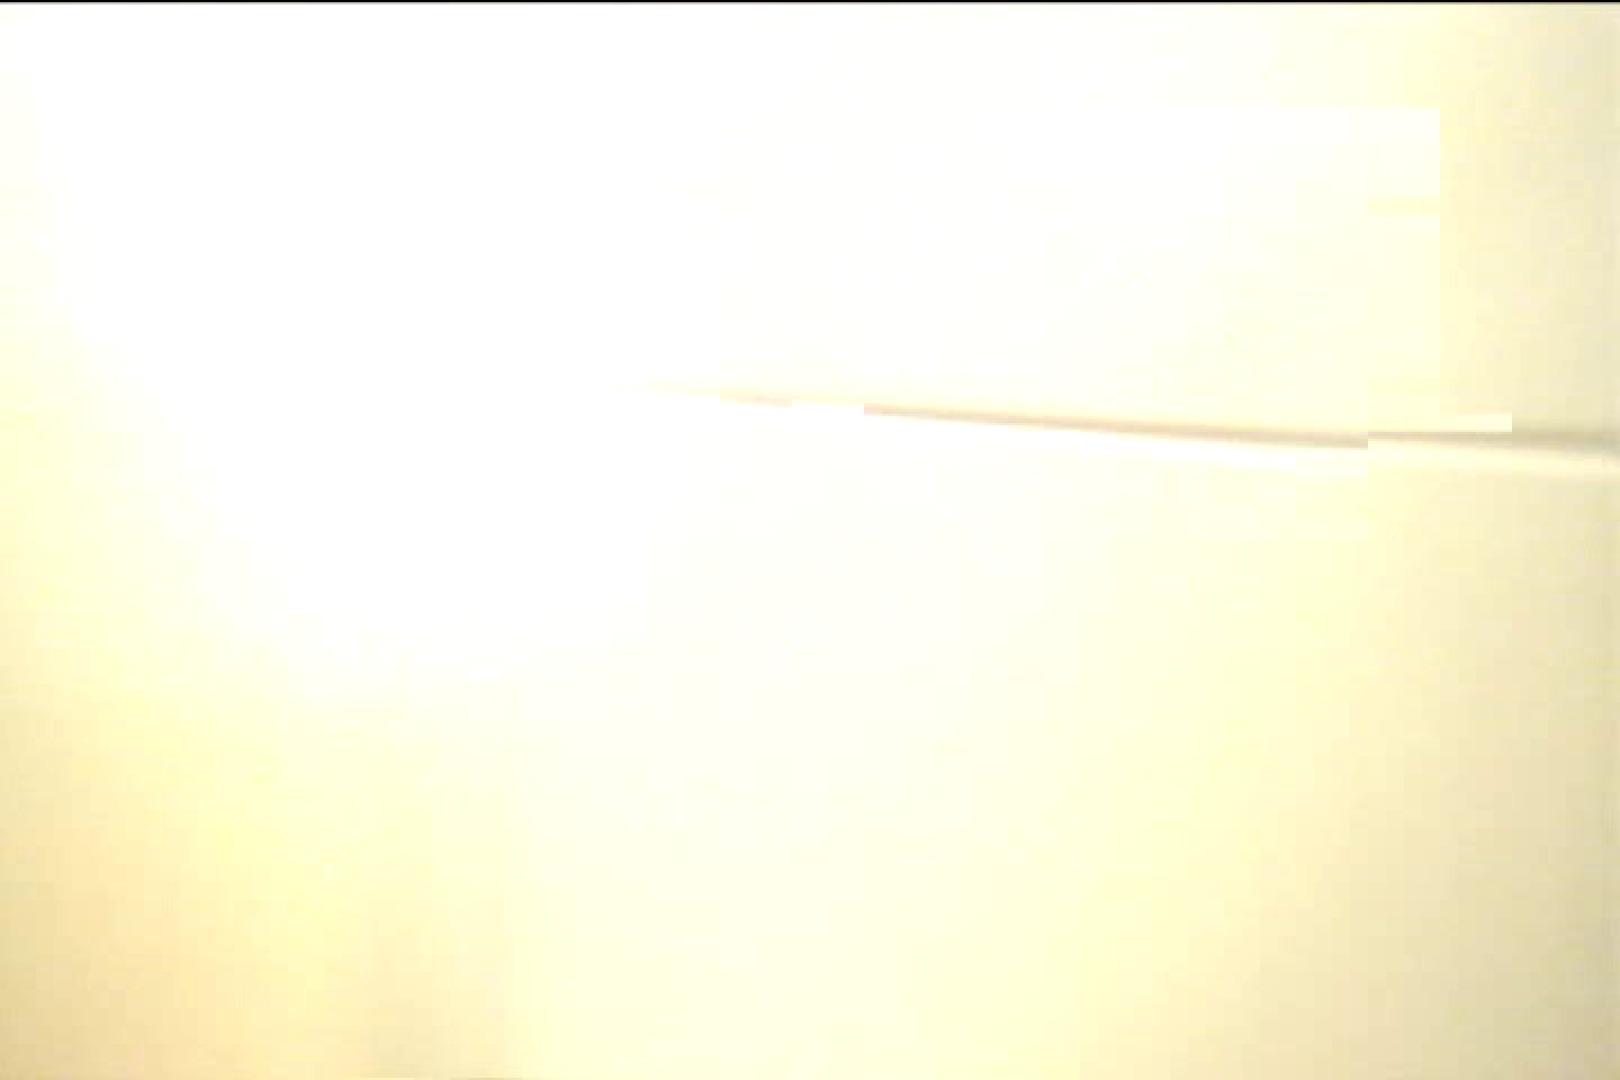 マンコ丸見え女子洗面所Vol.35 OL  98枚 77